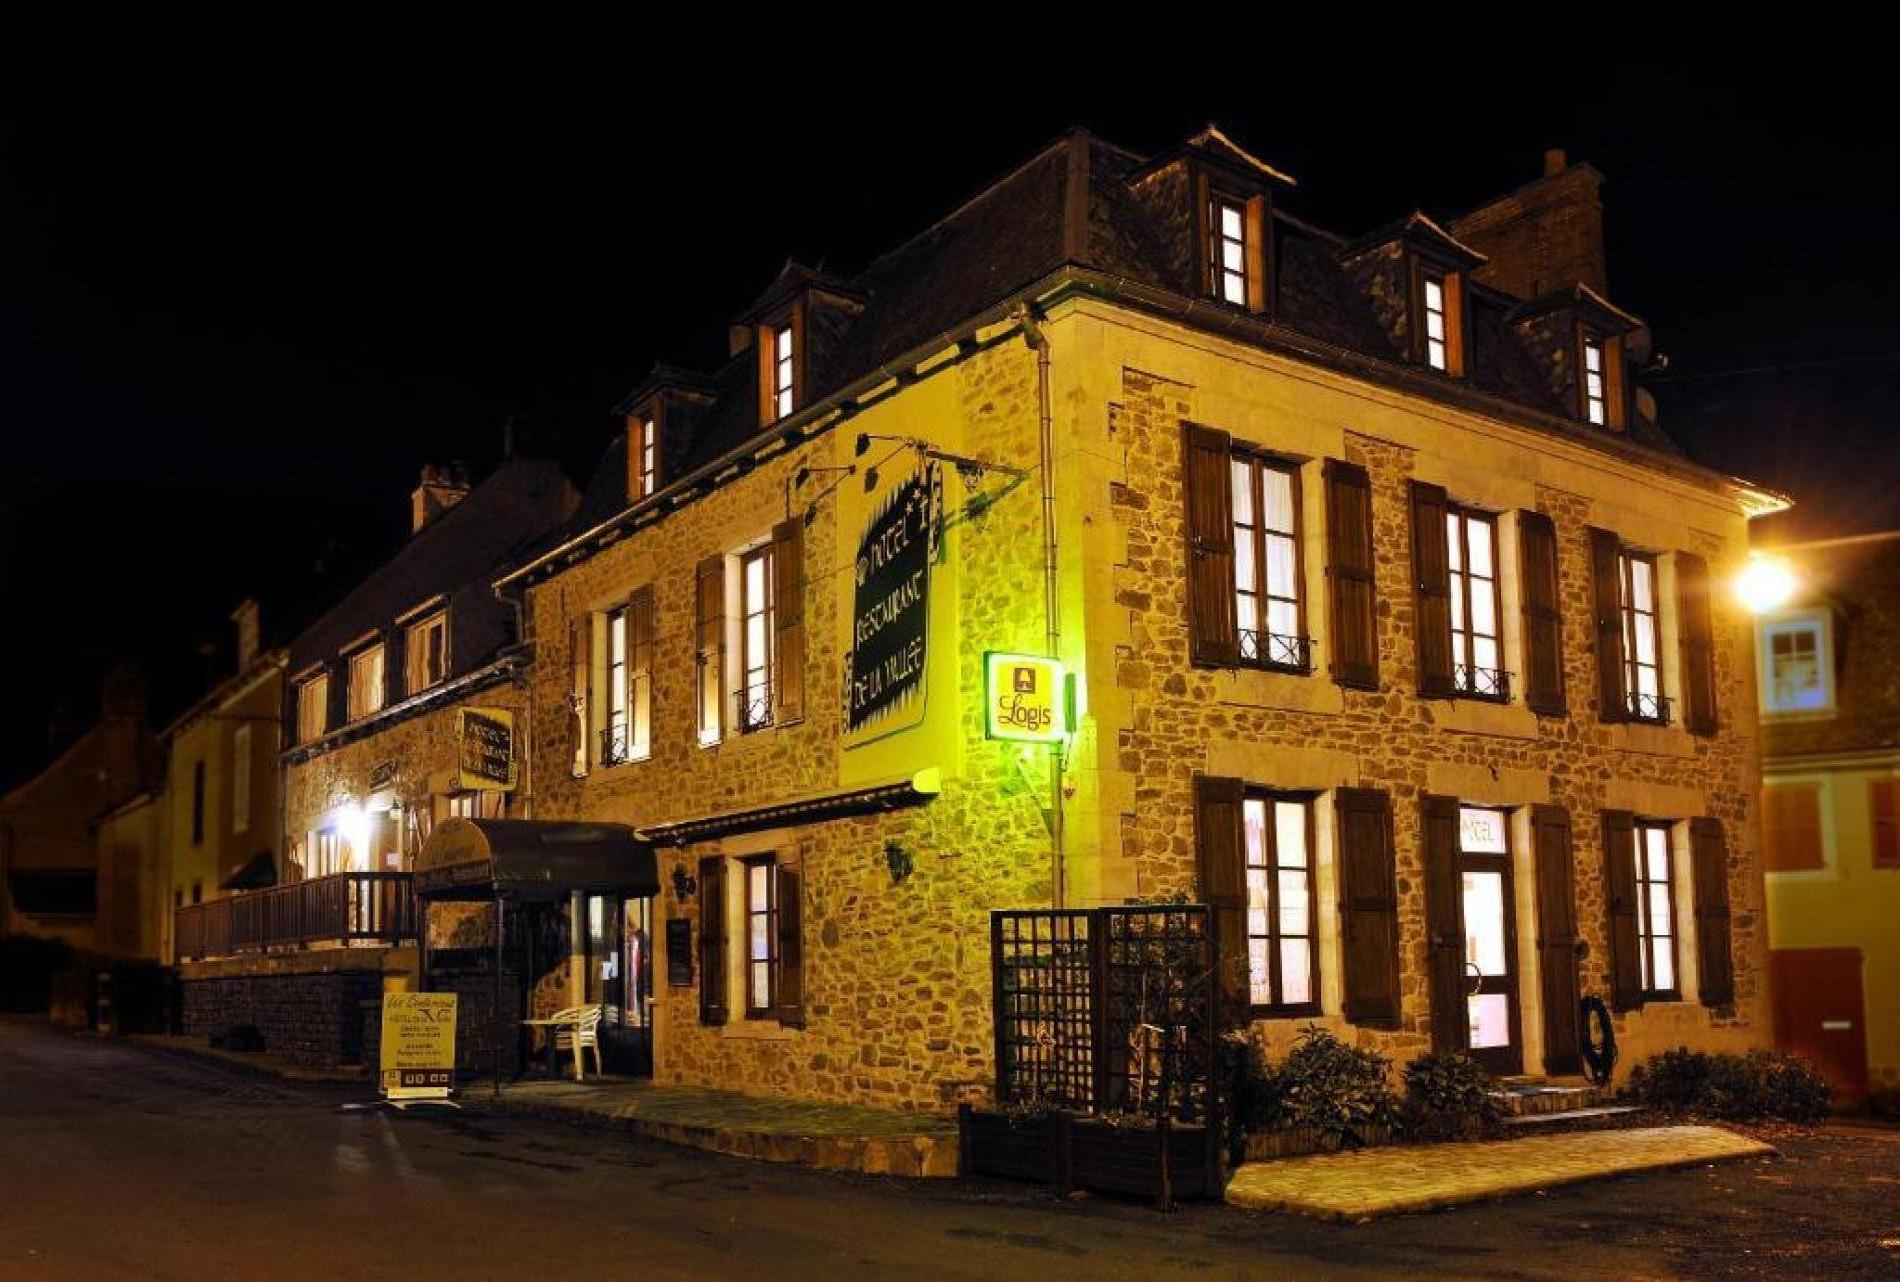 Bienvenue à l'hôtel-restaurant Les Coudercous, demeure de charme au coeur du Parc Naturel Régional de l'Aubrac.